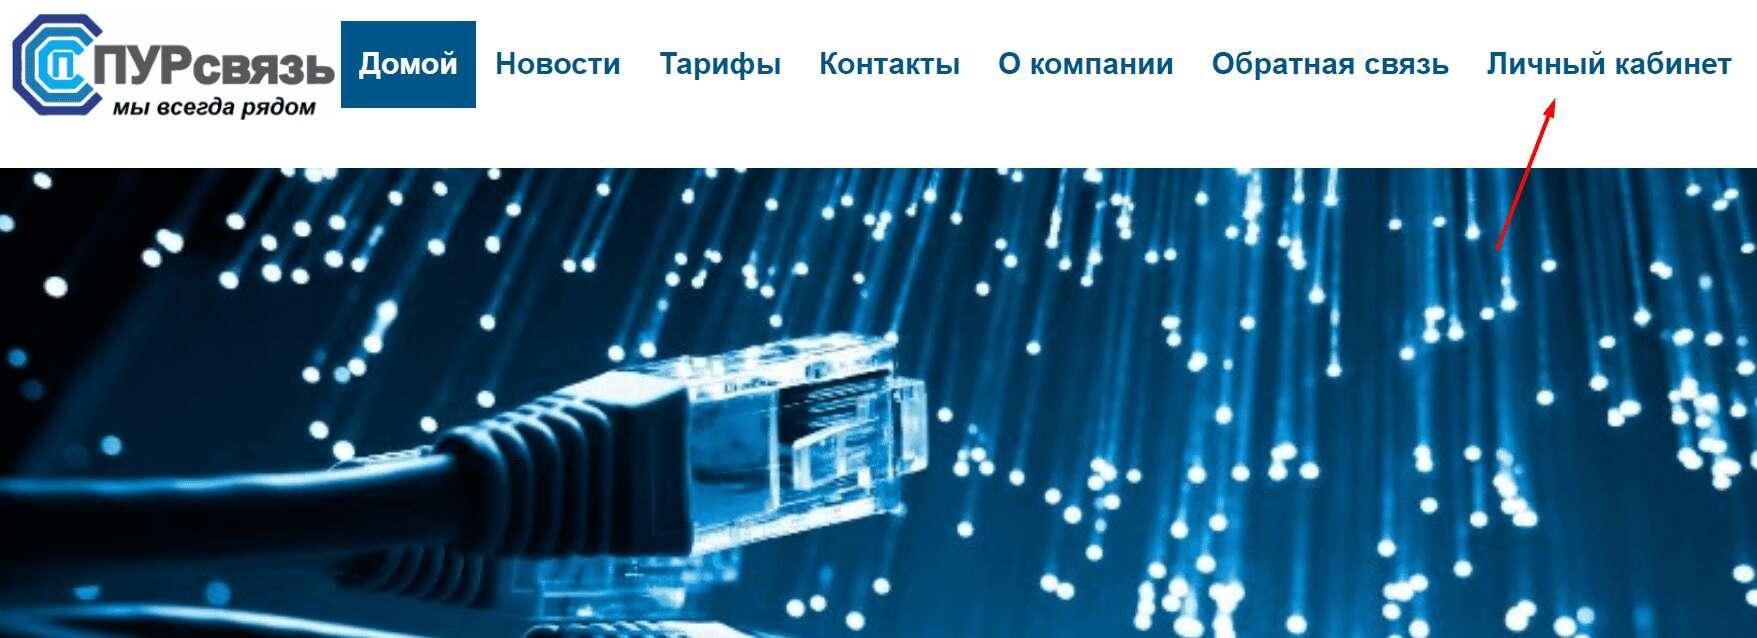 Сайт провайдера связи ПУРсвязь